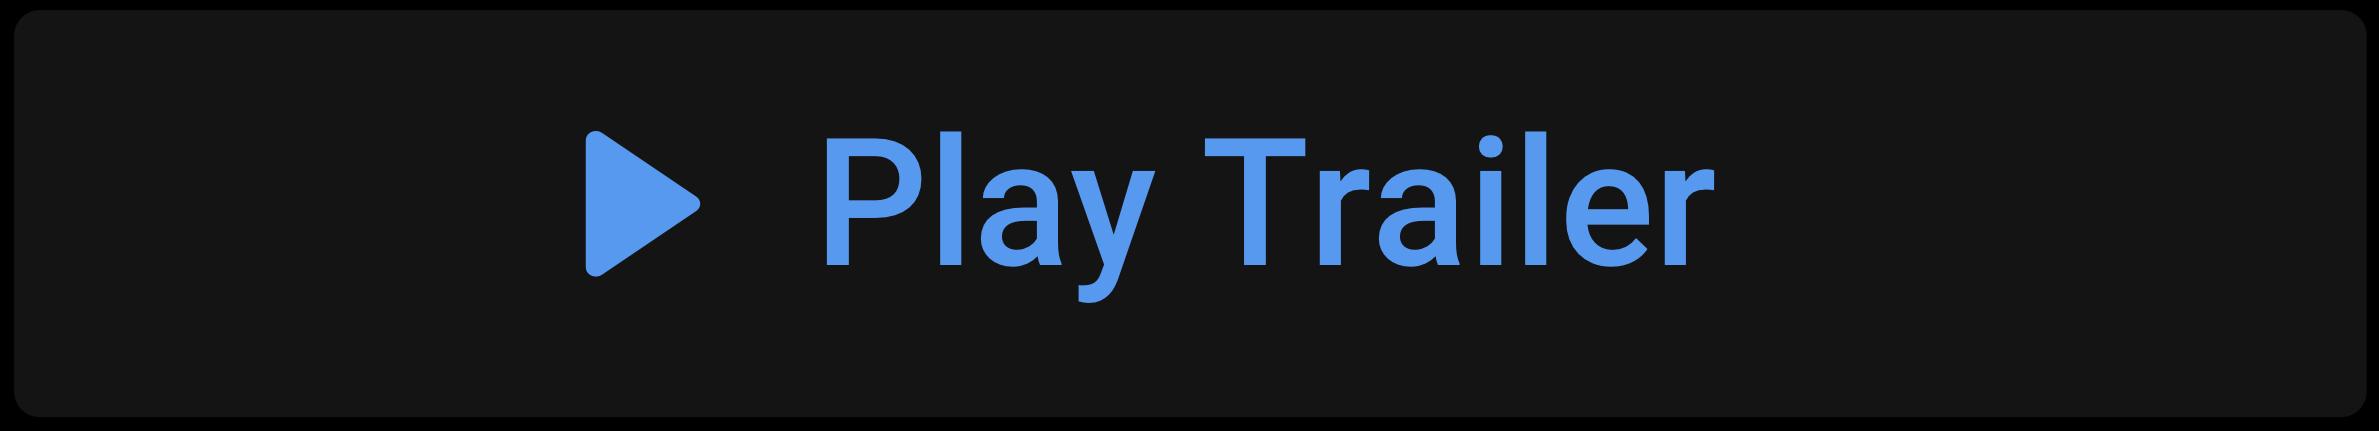 Play Hawkeye Trailer